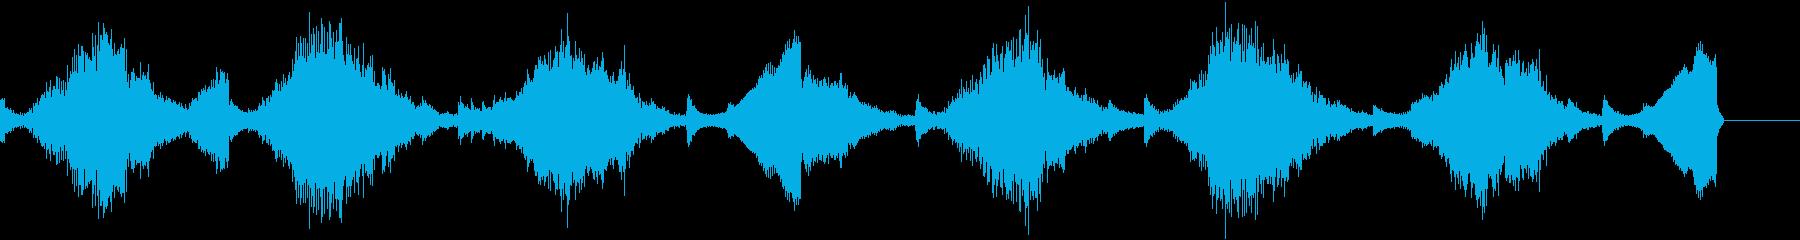 15秒・かわいい・ふわふわ・水・VRの再生済みの波形